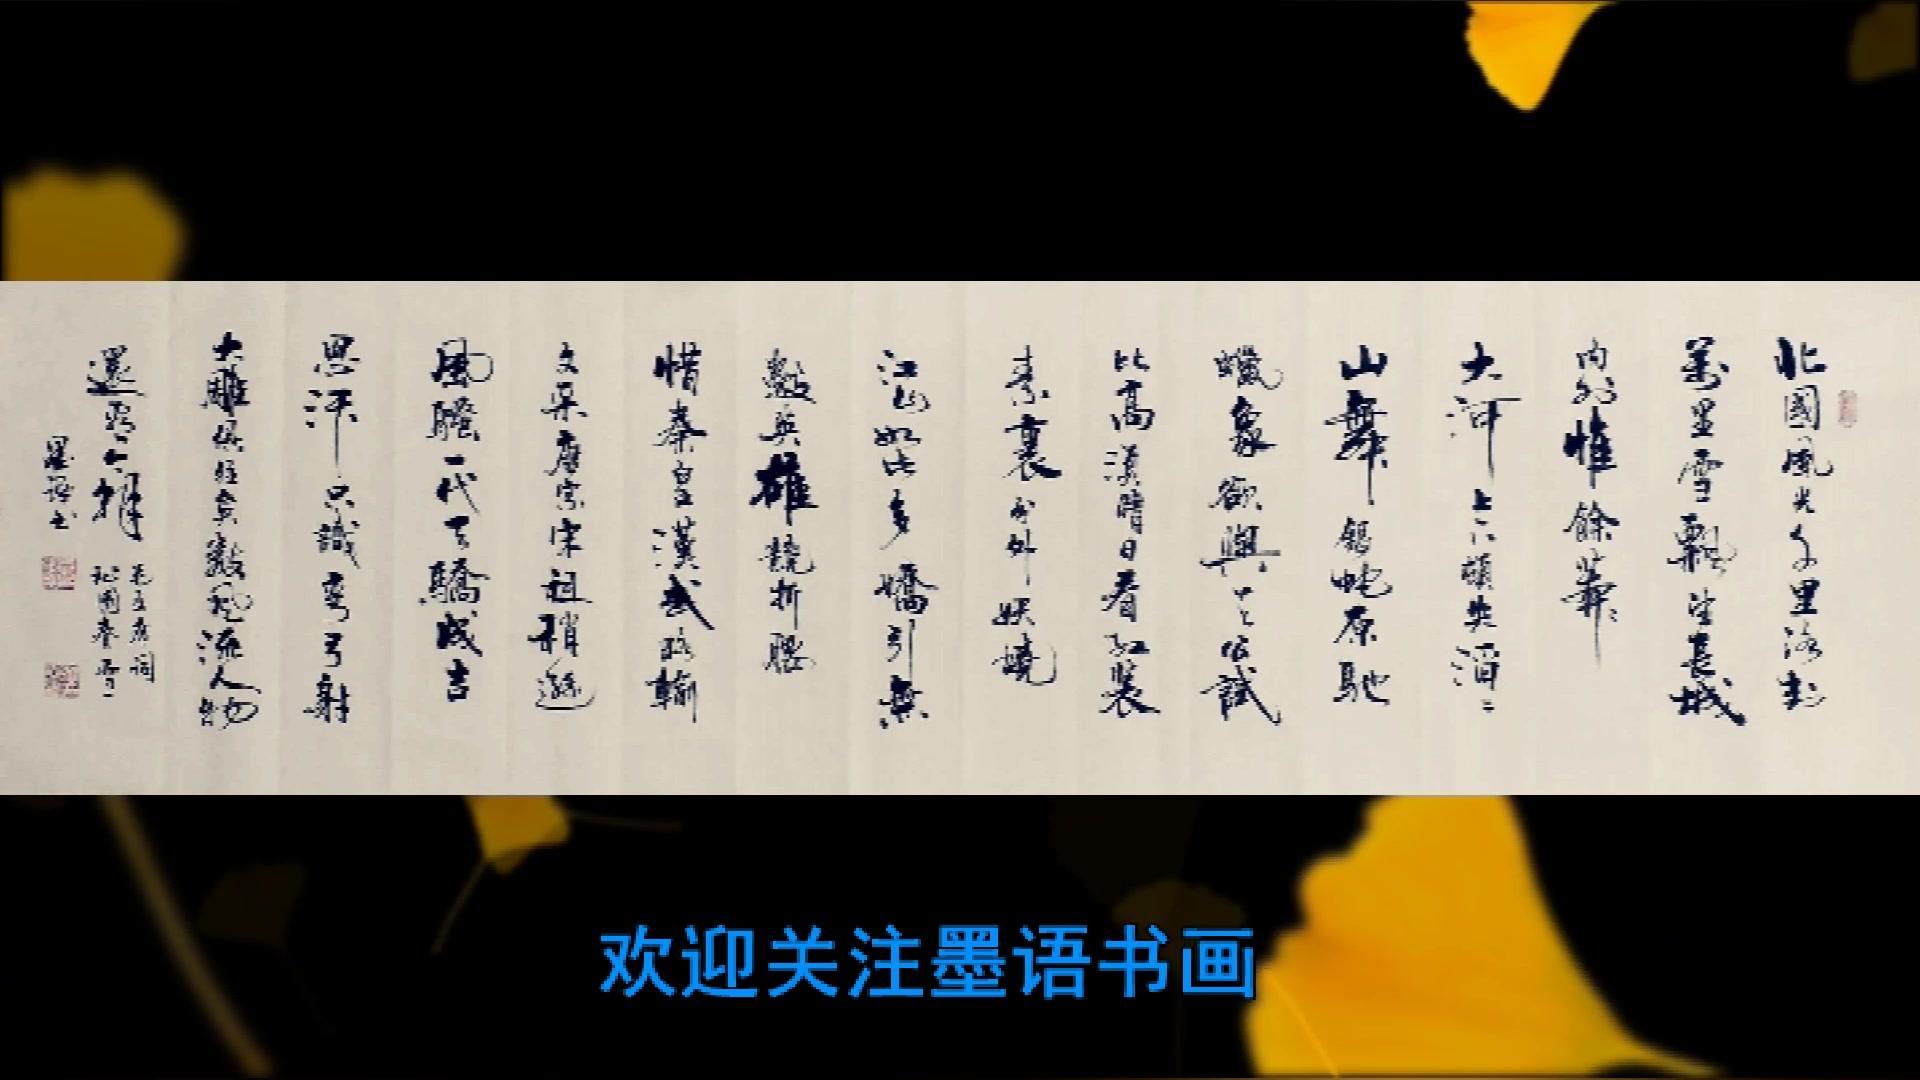 书法欣赏,毛主席词《沁园春·雪》,大气潇洒,堪称精品佳作!